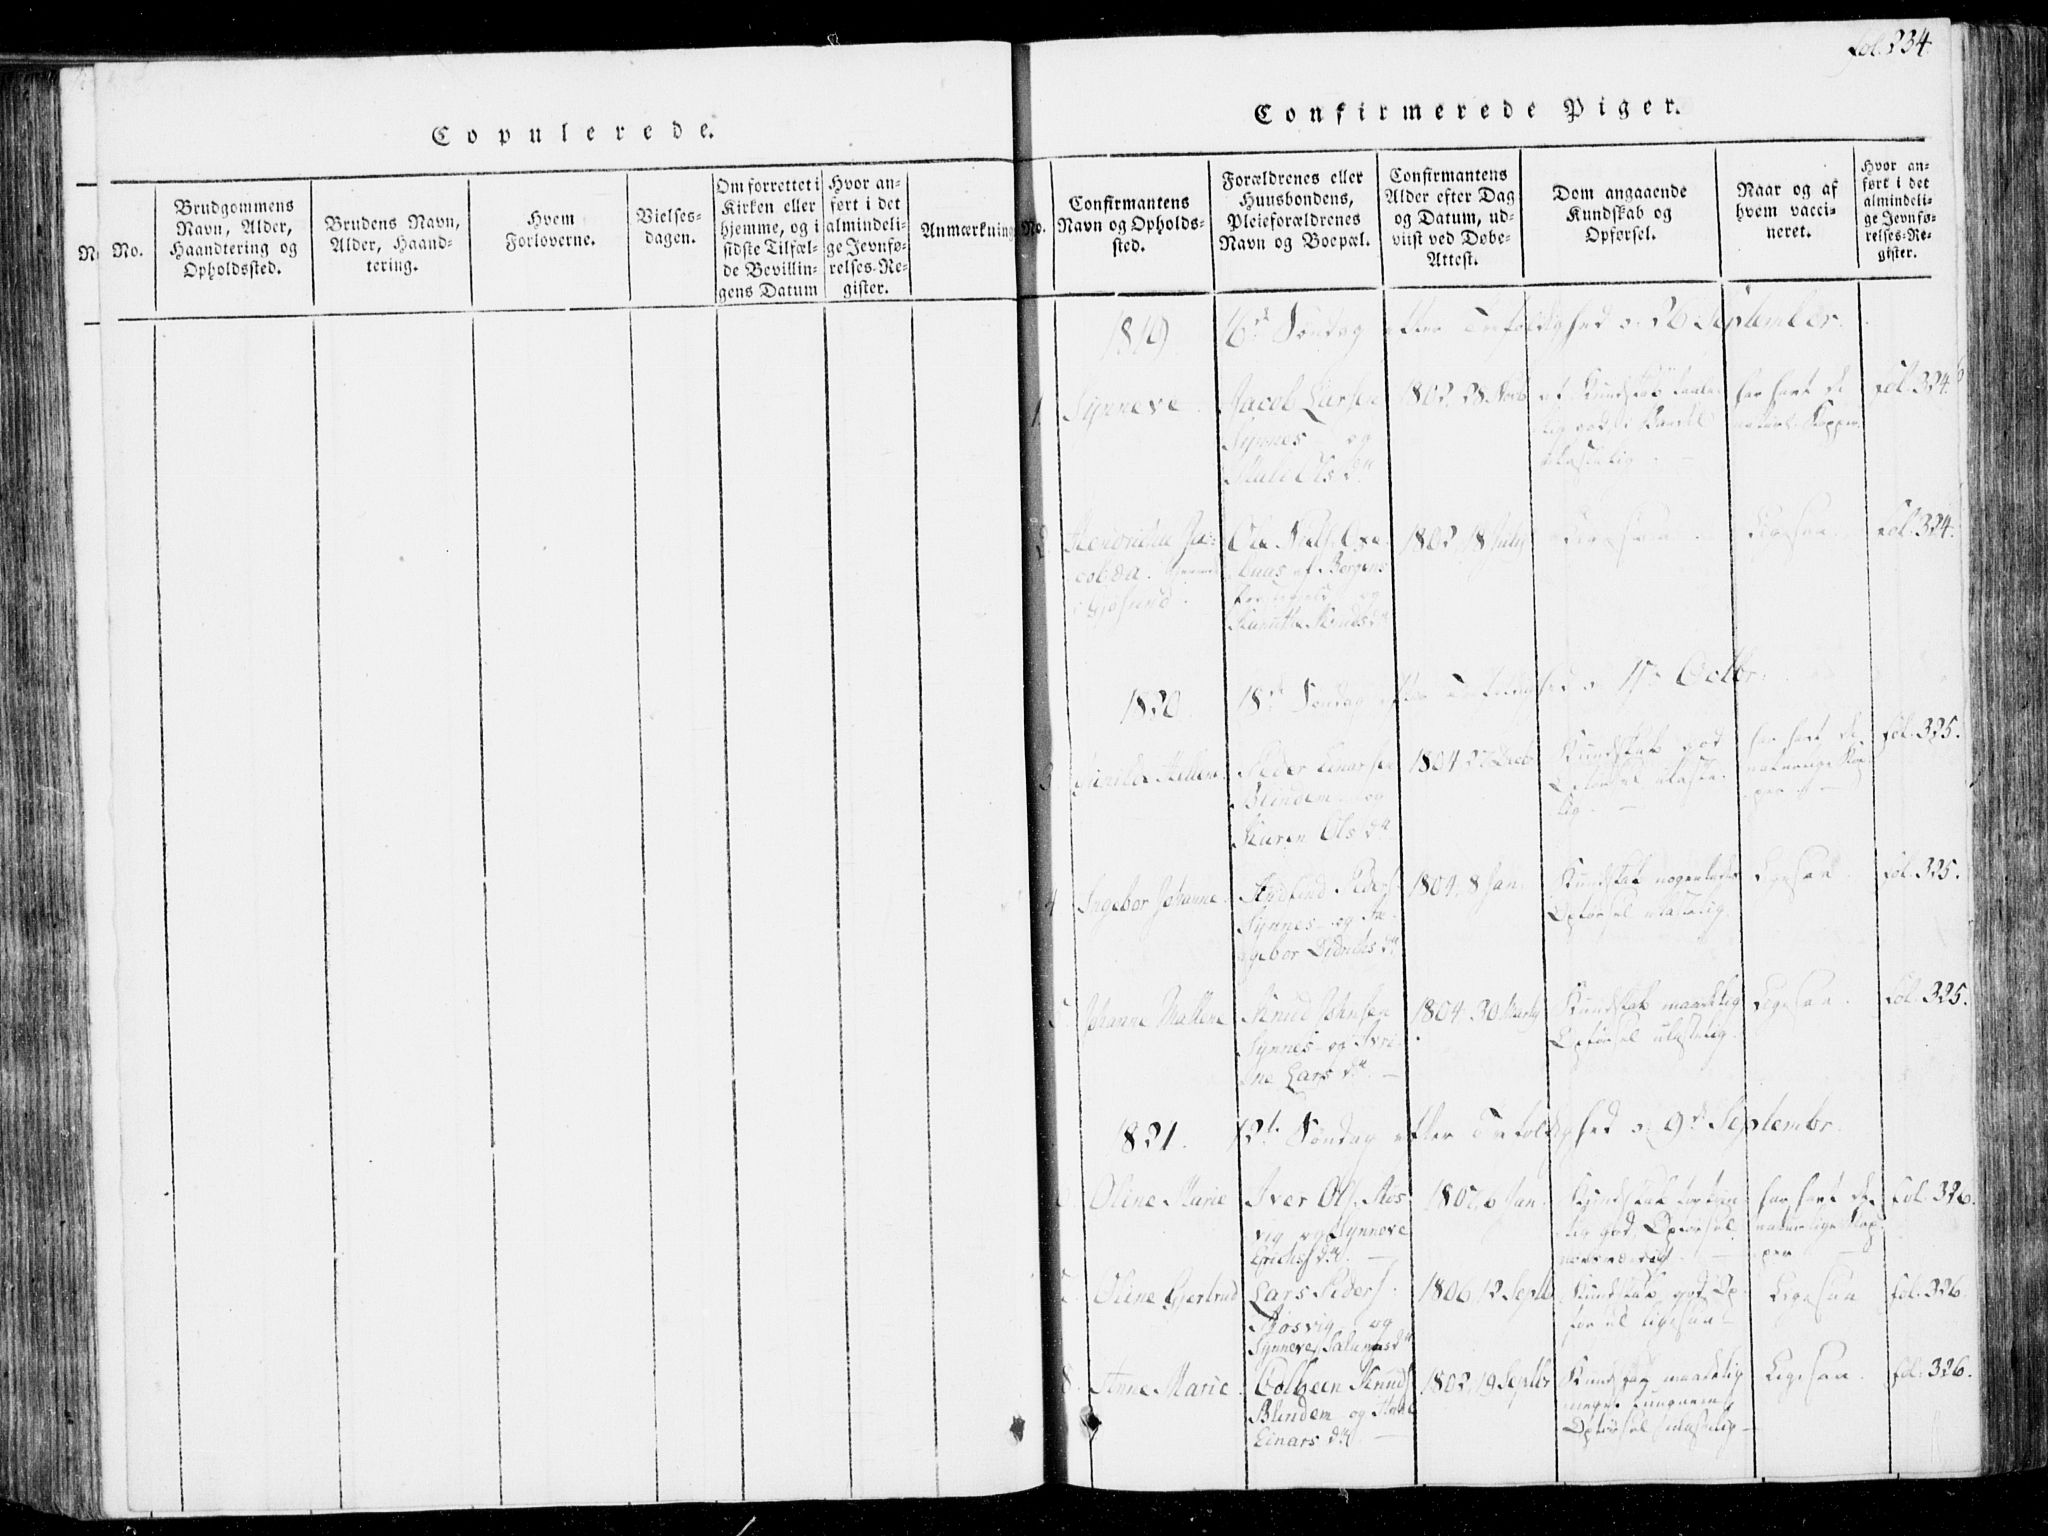 SAT, Ministerialprotokoller, klokkerbøker og fødselsregistre - Møre og Romsdal, 537/L0517: Ministerialbok nr. 537A01, 1818-1862, s. 234